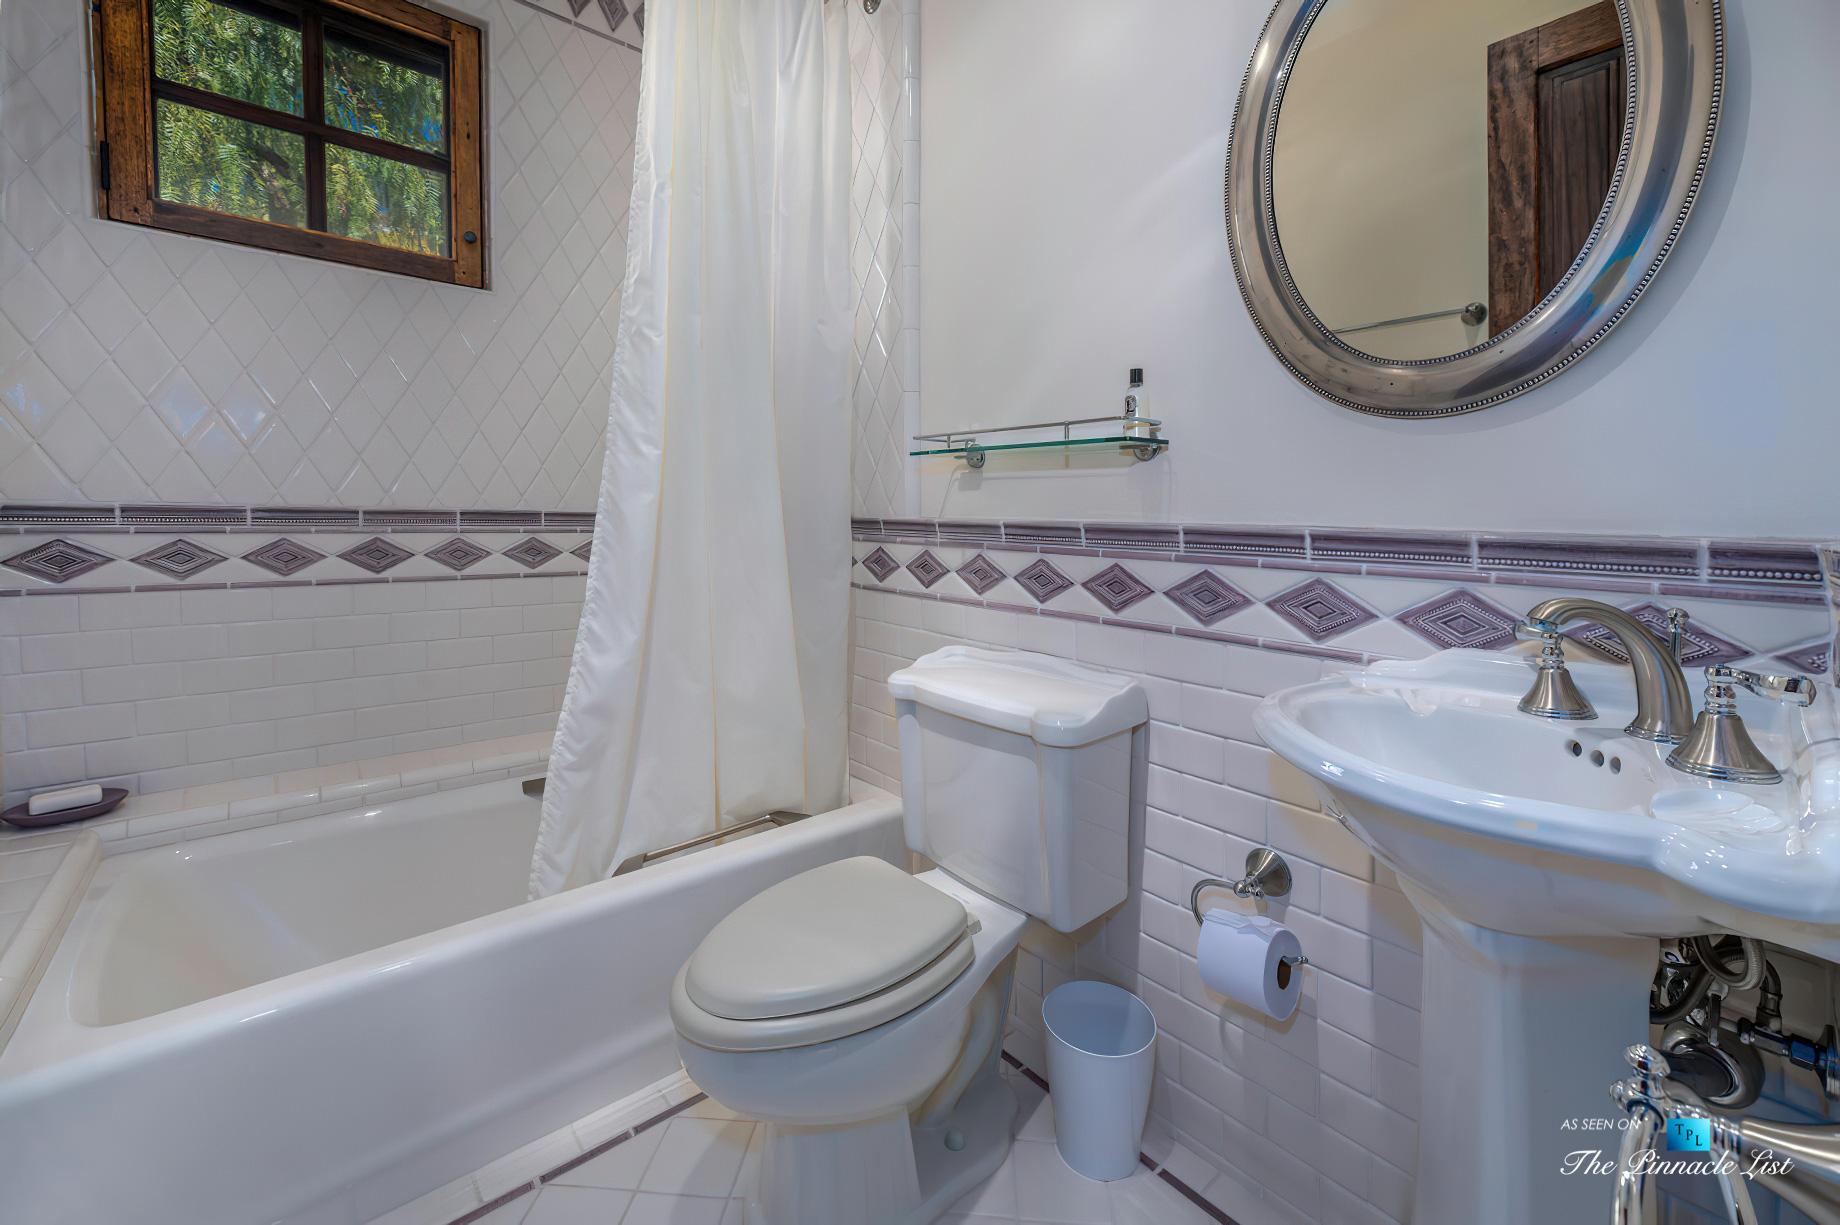 2667 Via De Los Ranchos, Los Olivos, CA, USA – Bathroom